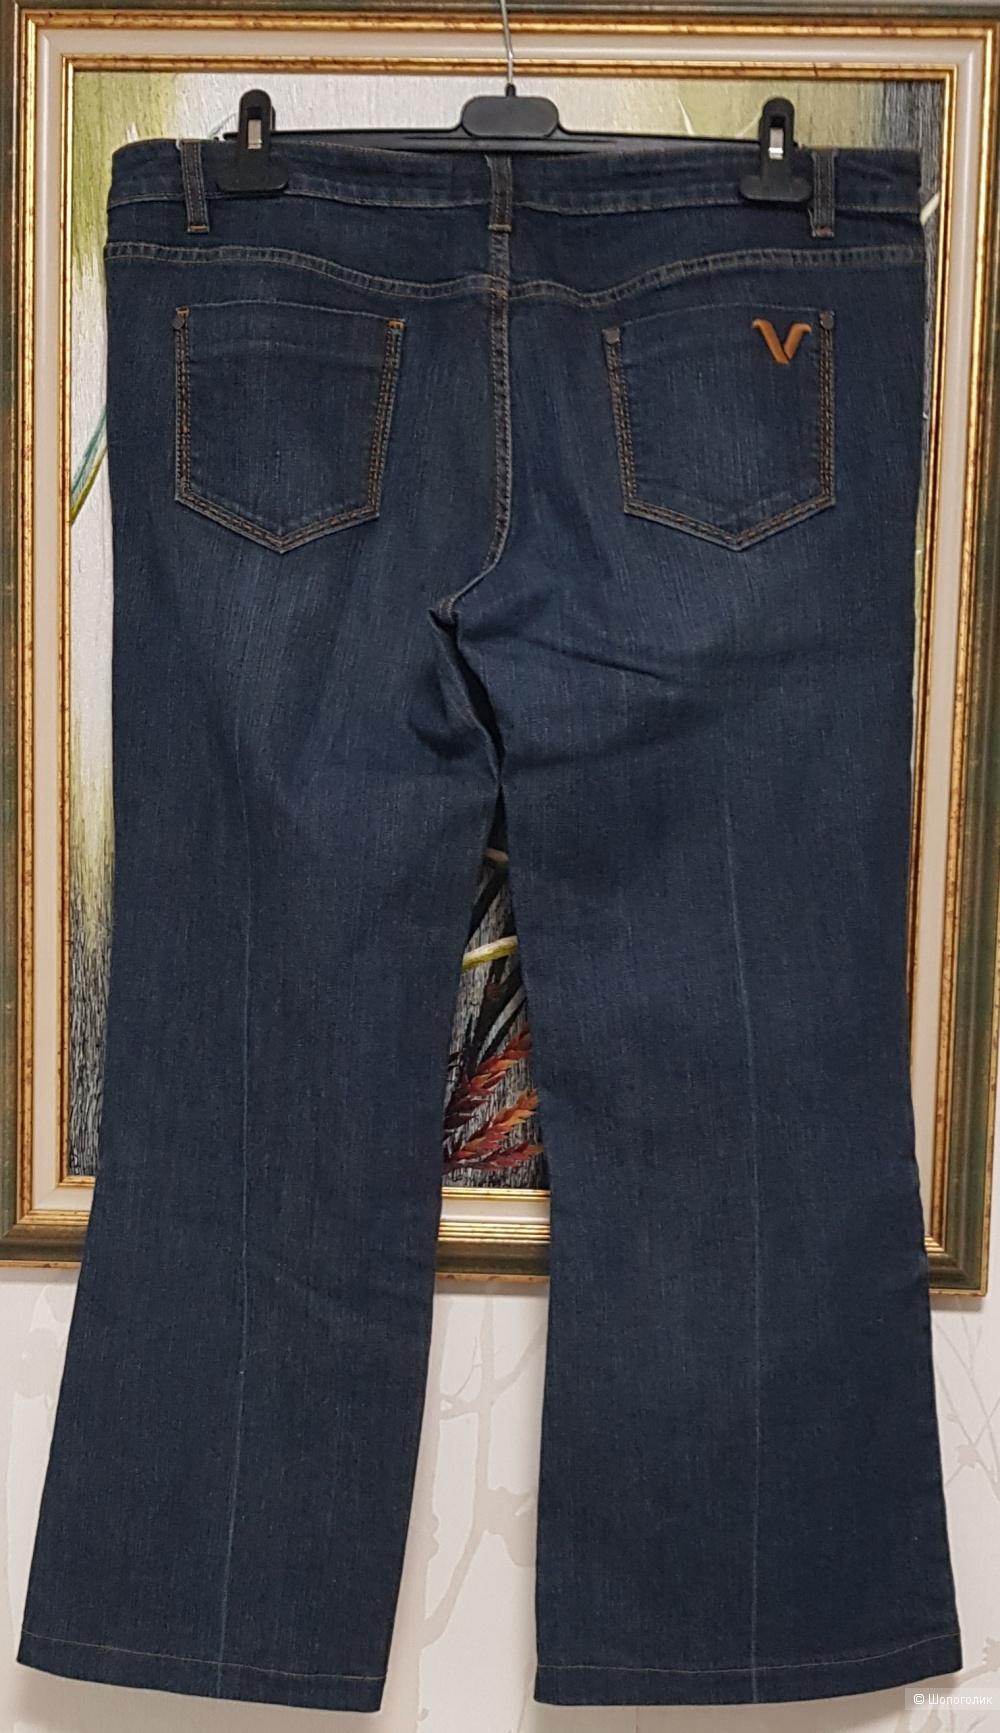 Джинсы Vacheron Constantin , 52 размер